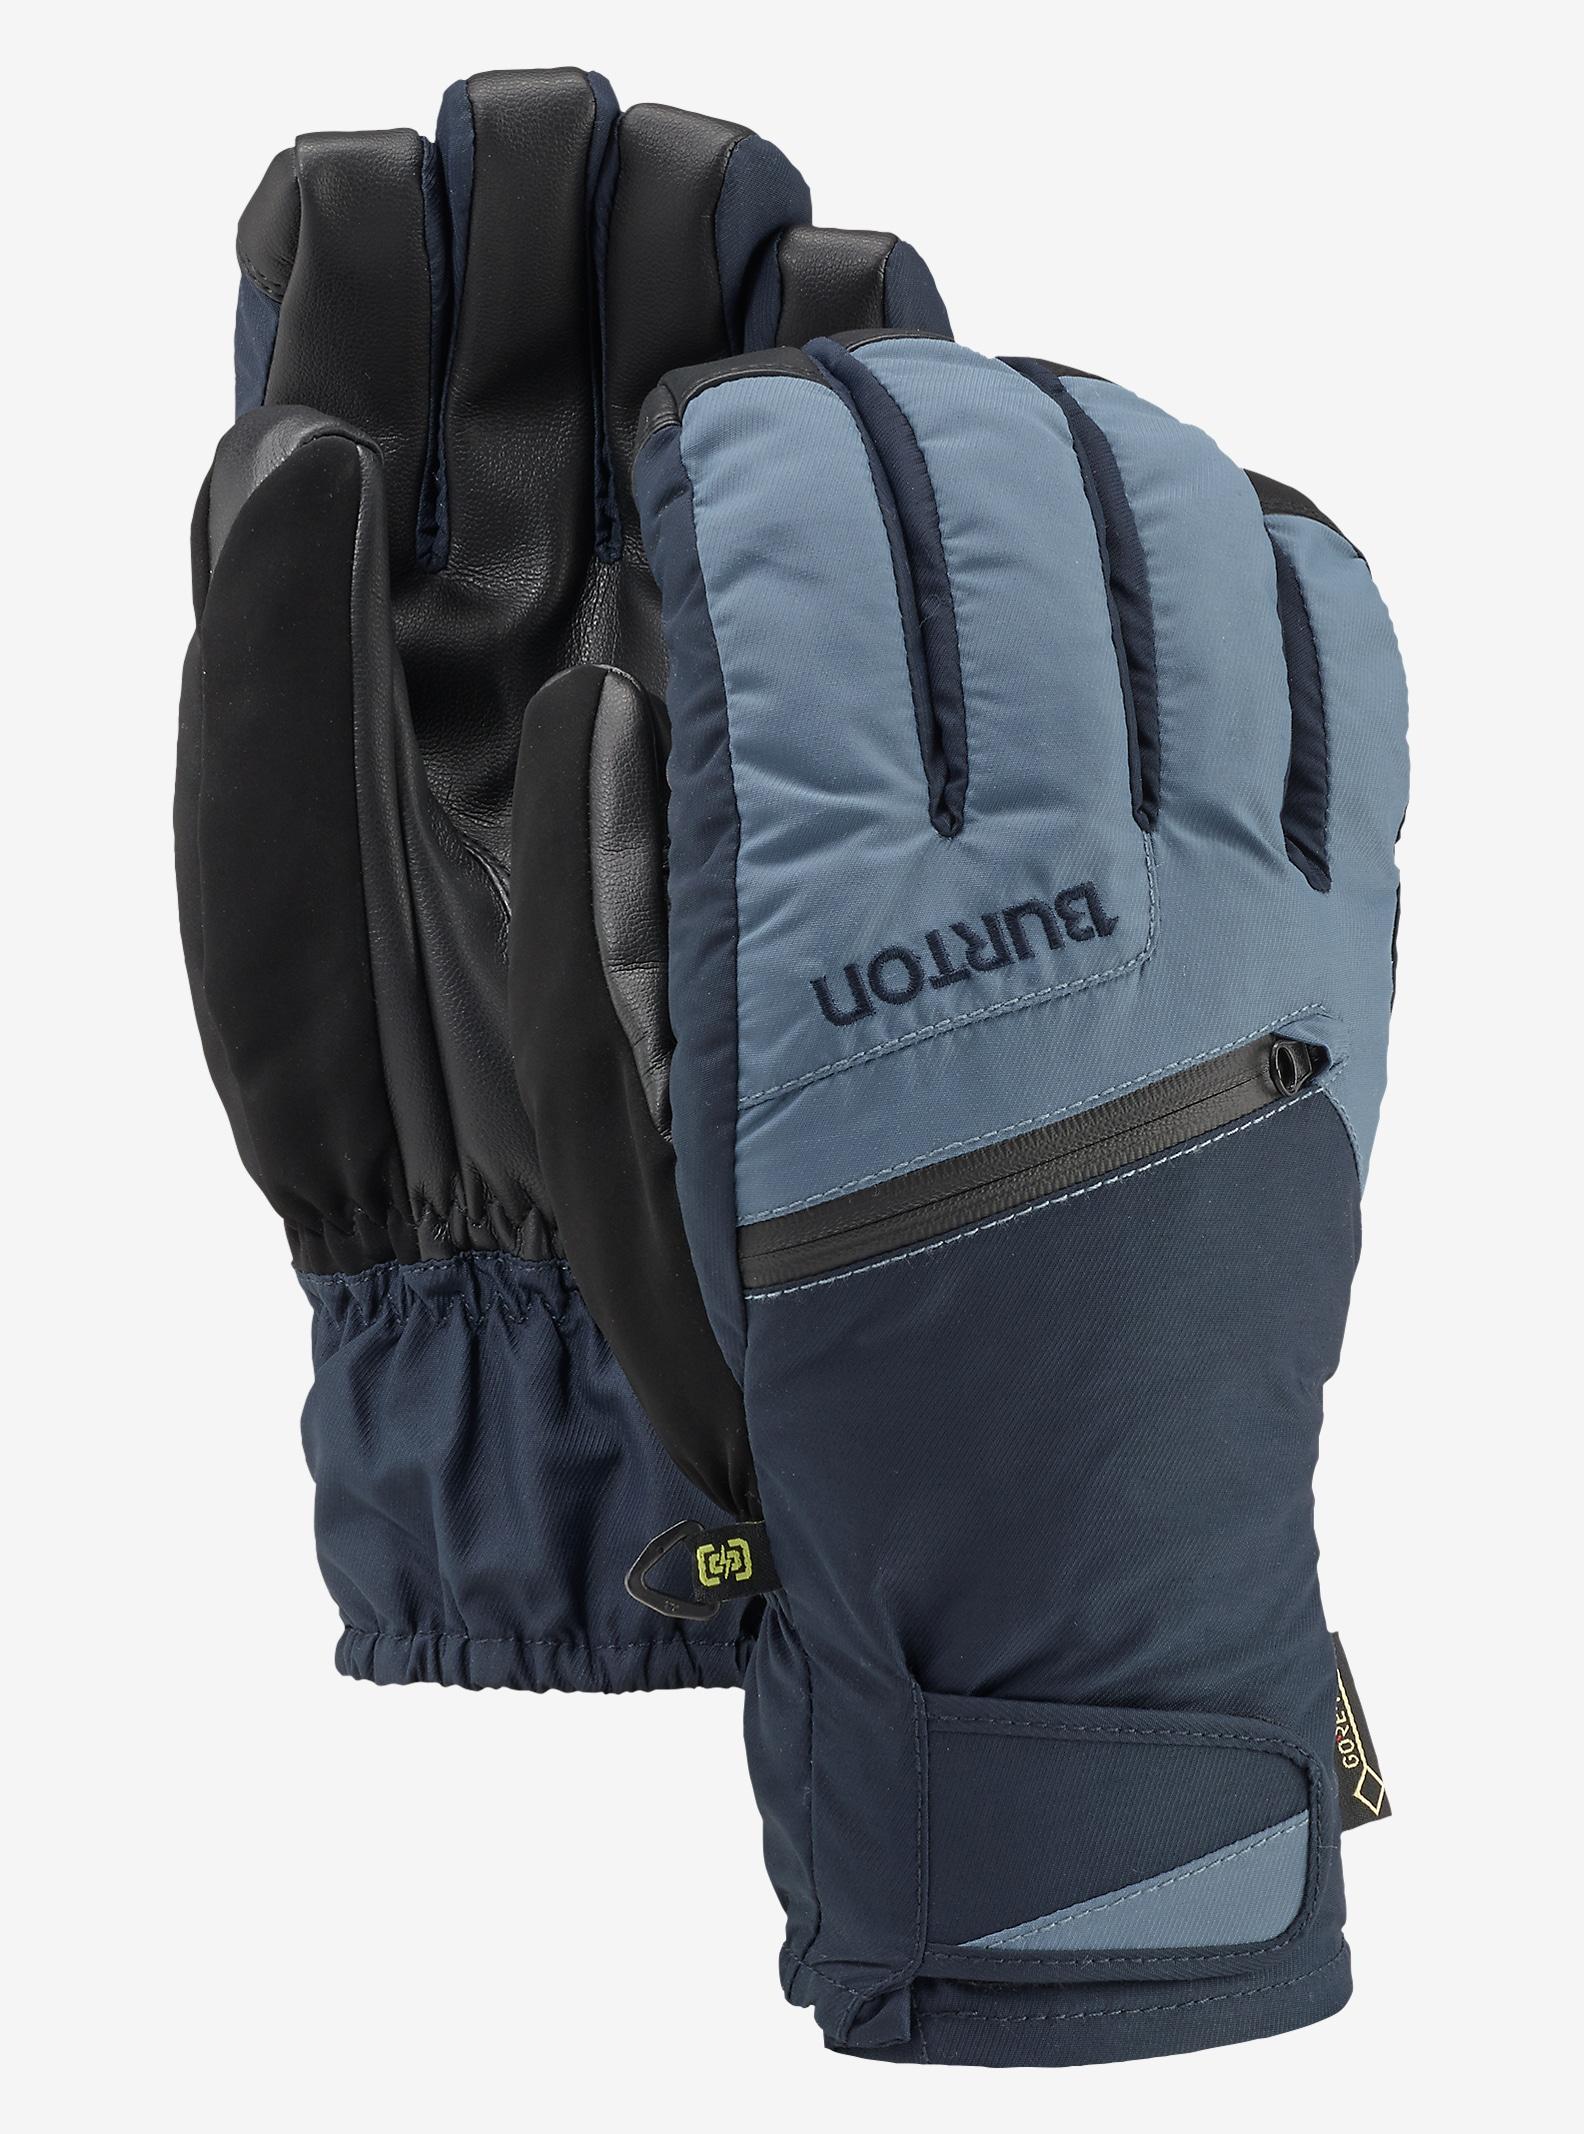 Burton GORE-TEX® Under Glove + Gore Warm Technology shown in Eclipse / Washed Blue